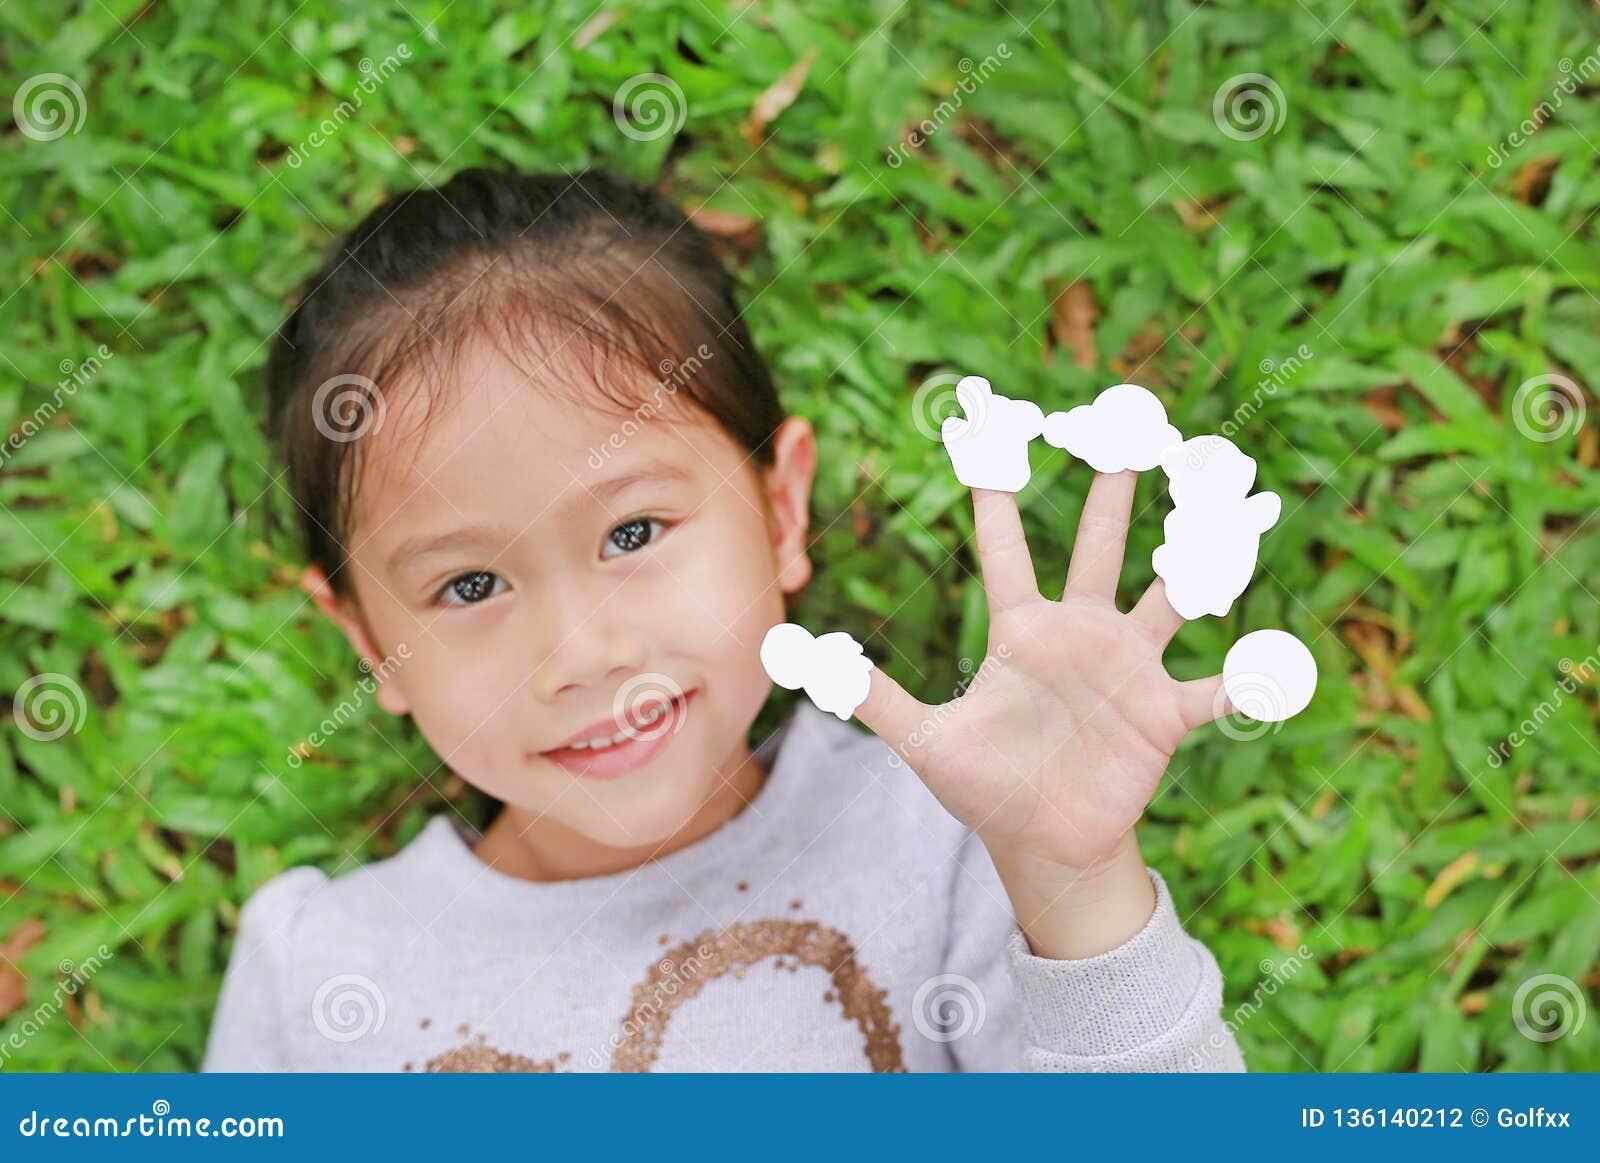 Nettes kleines asiatisches Kindermädchen, das auf Rasen des grünen Grases mit leeren weißen Aufklebern der Vertretung auf ihren F